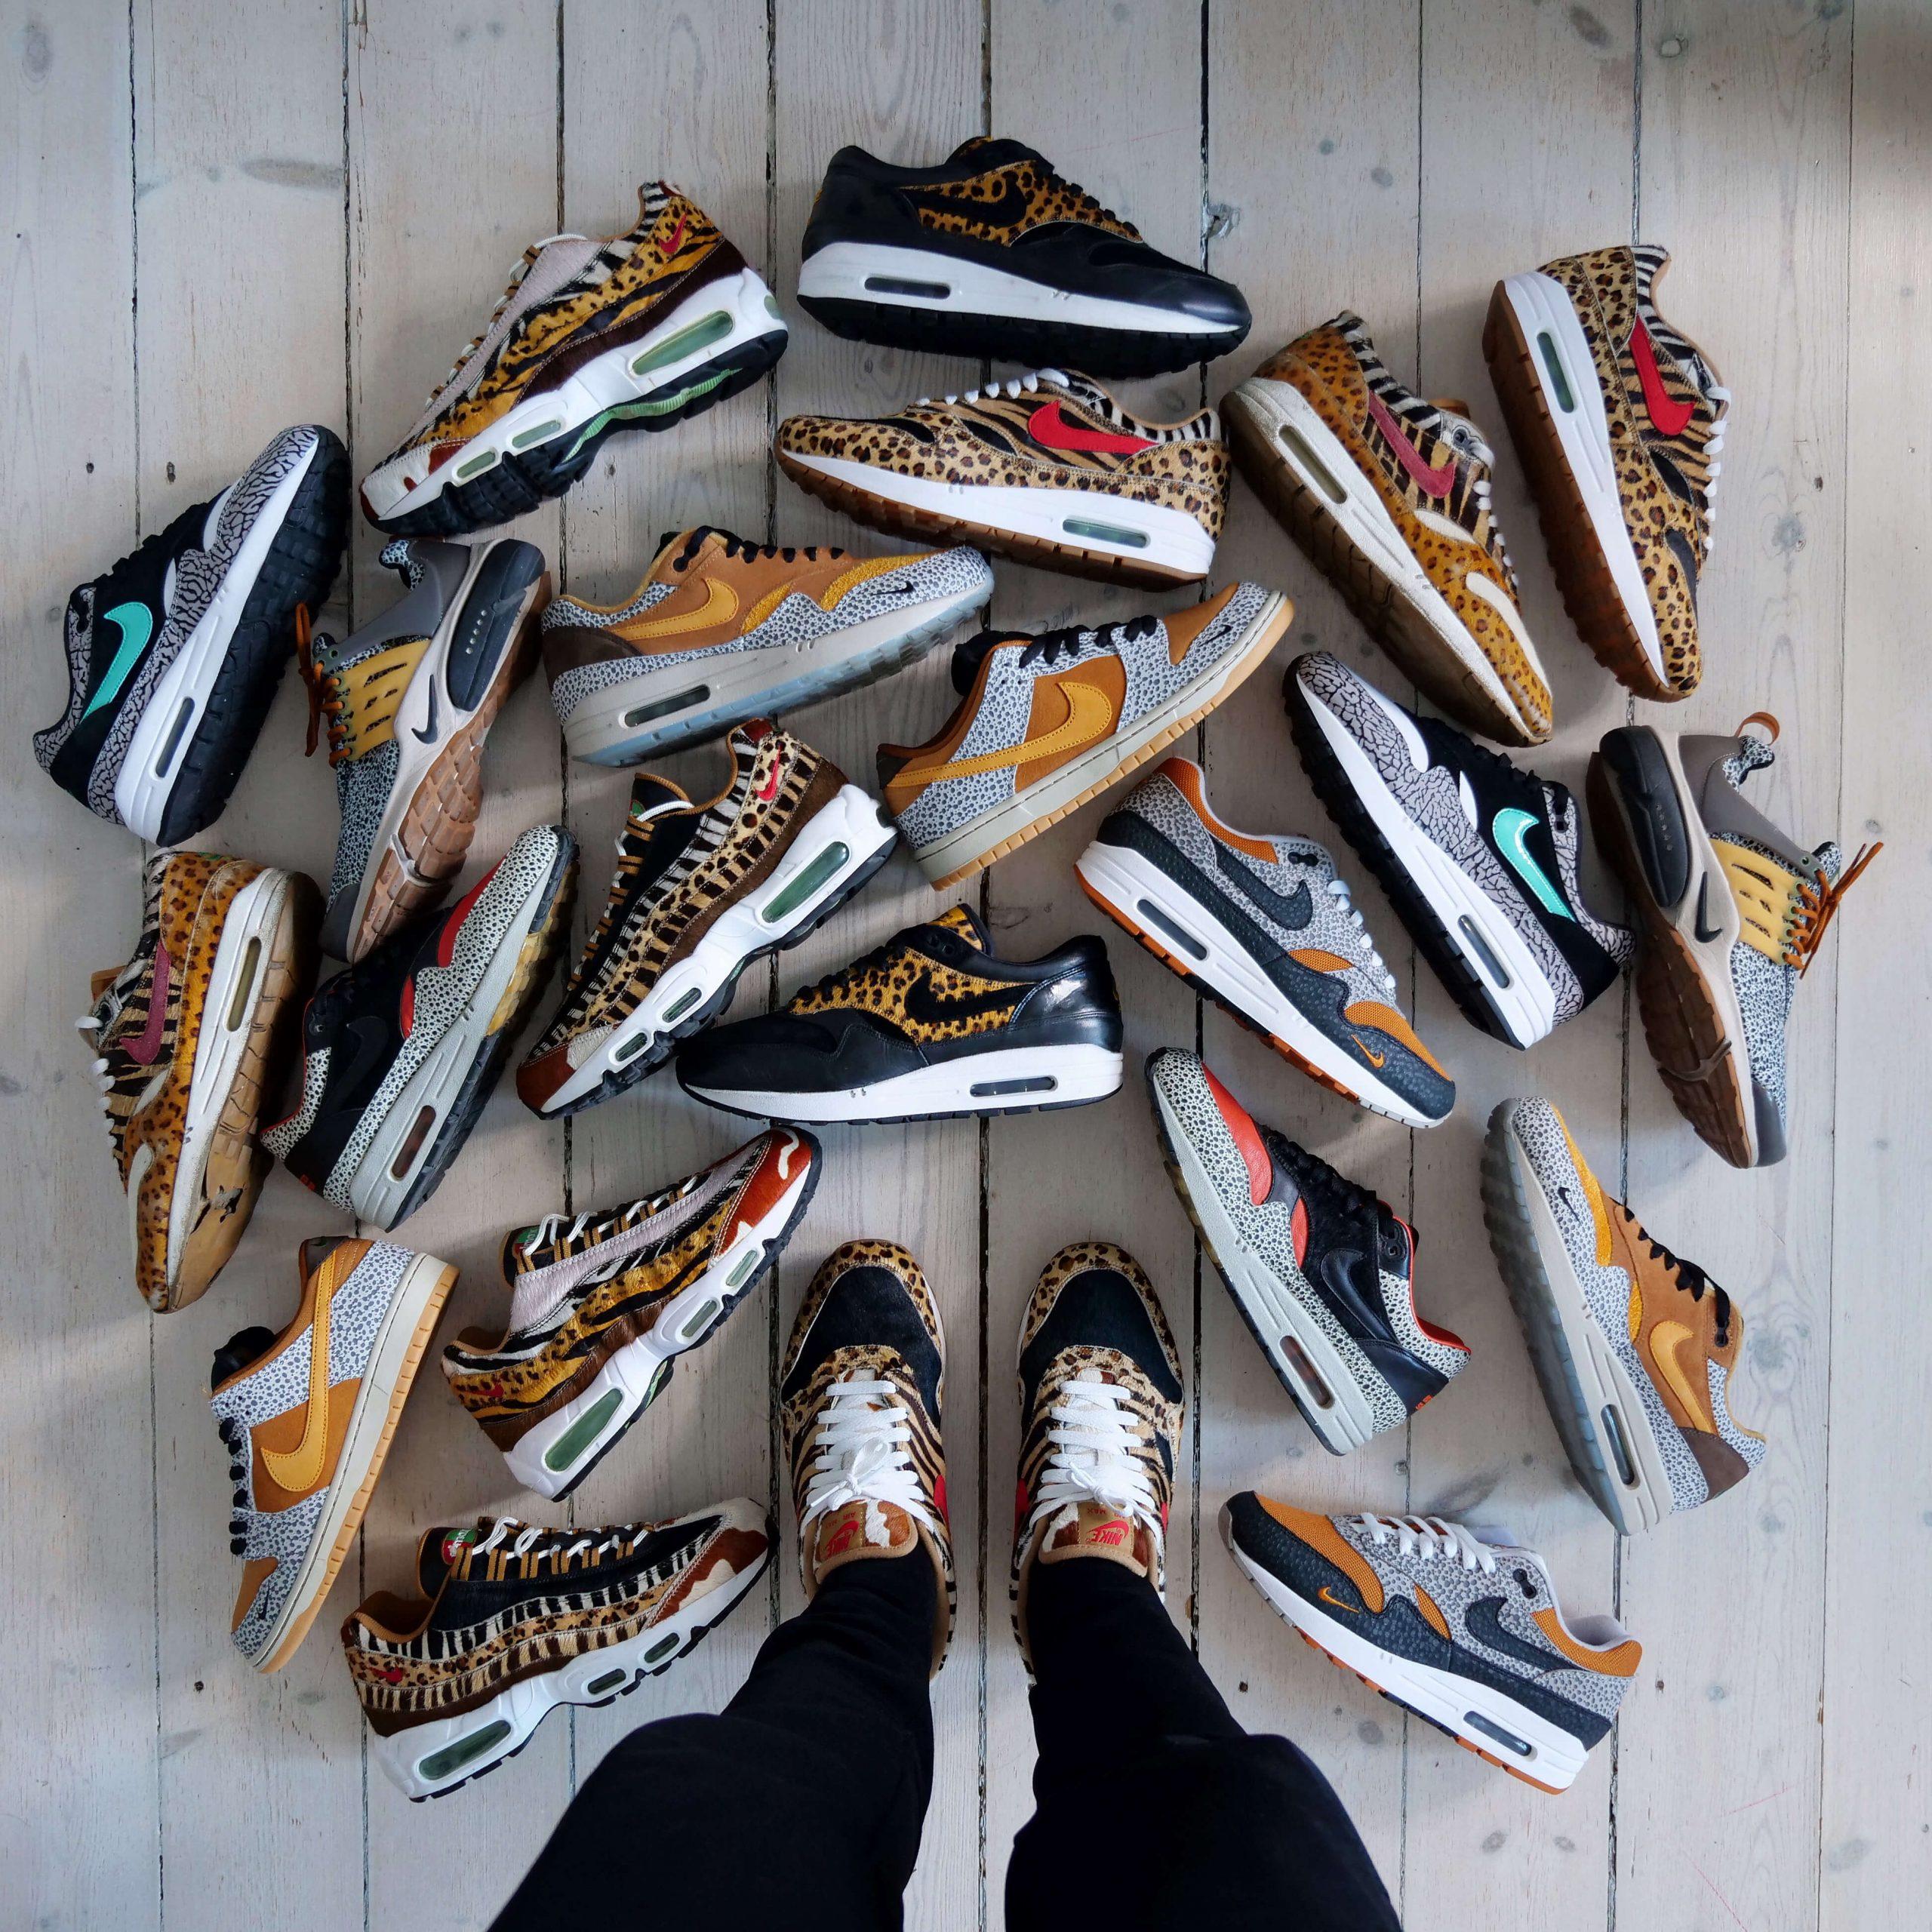 Busterhede - Nike Air Max Animal Pack - sneakerfreak Sneakerplaats interview